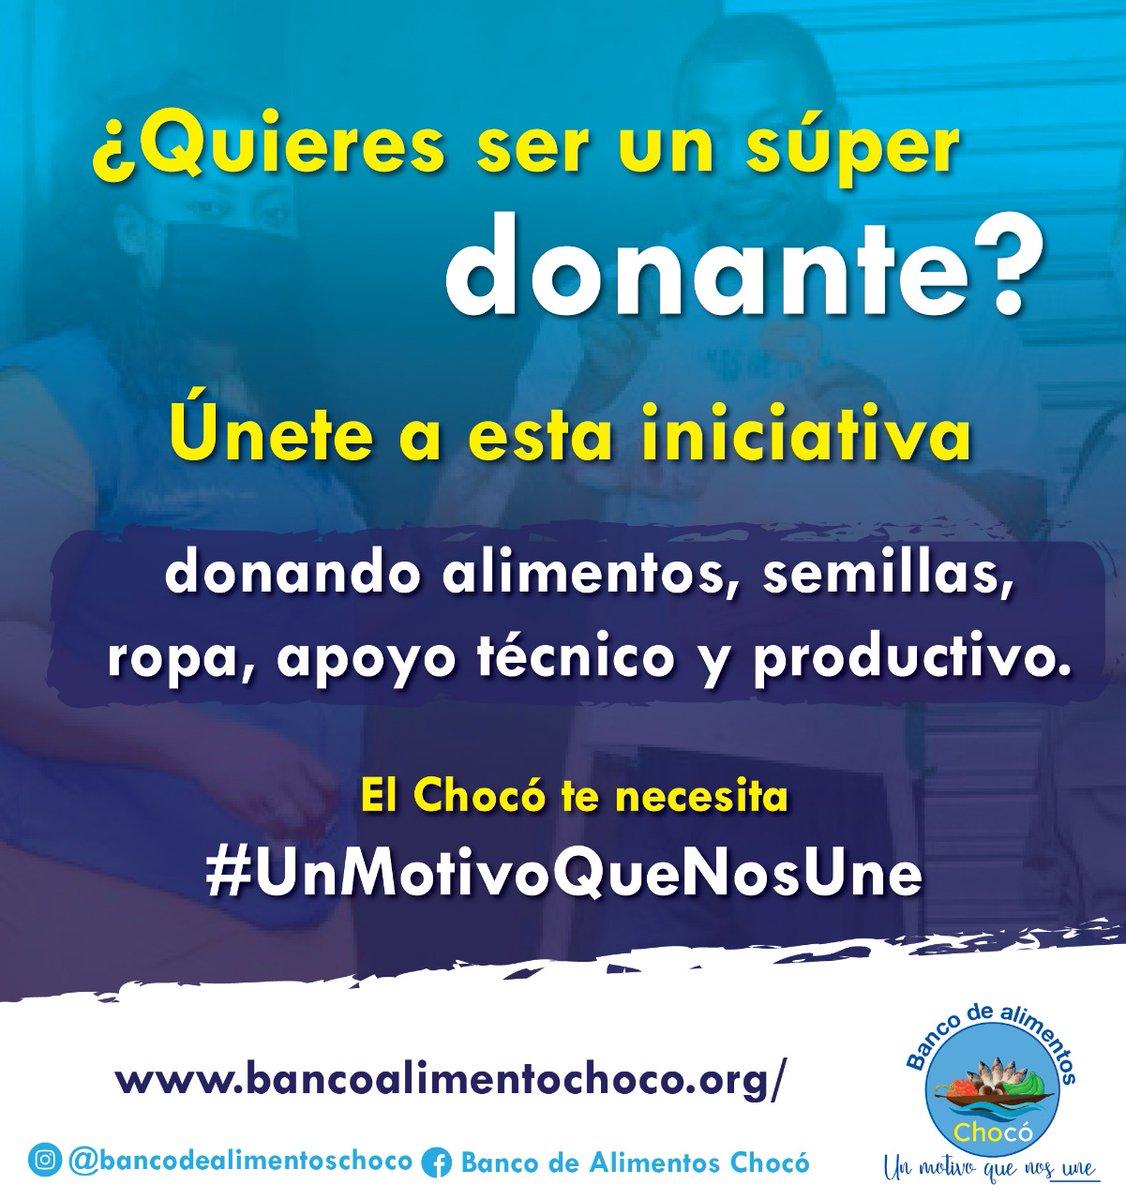 Unete a esta bonita causa y sé un  Super Donante del Banco de Alimentos Chocó, ingresa a nuestra página para mayor información. #UnMotivoQueNosUne #soschocó #Fuerzachocó. . .  @lavaldirii @JBALVIN @shakira @maluma @Cuadrado @FALCAO @NickyJamPR